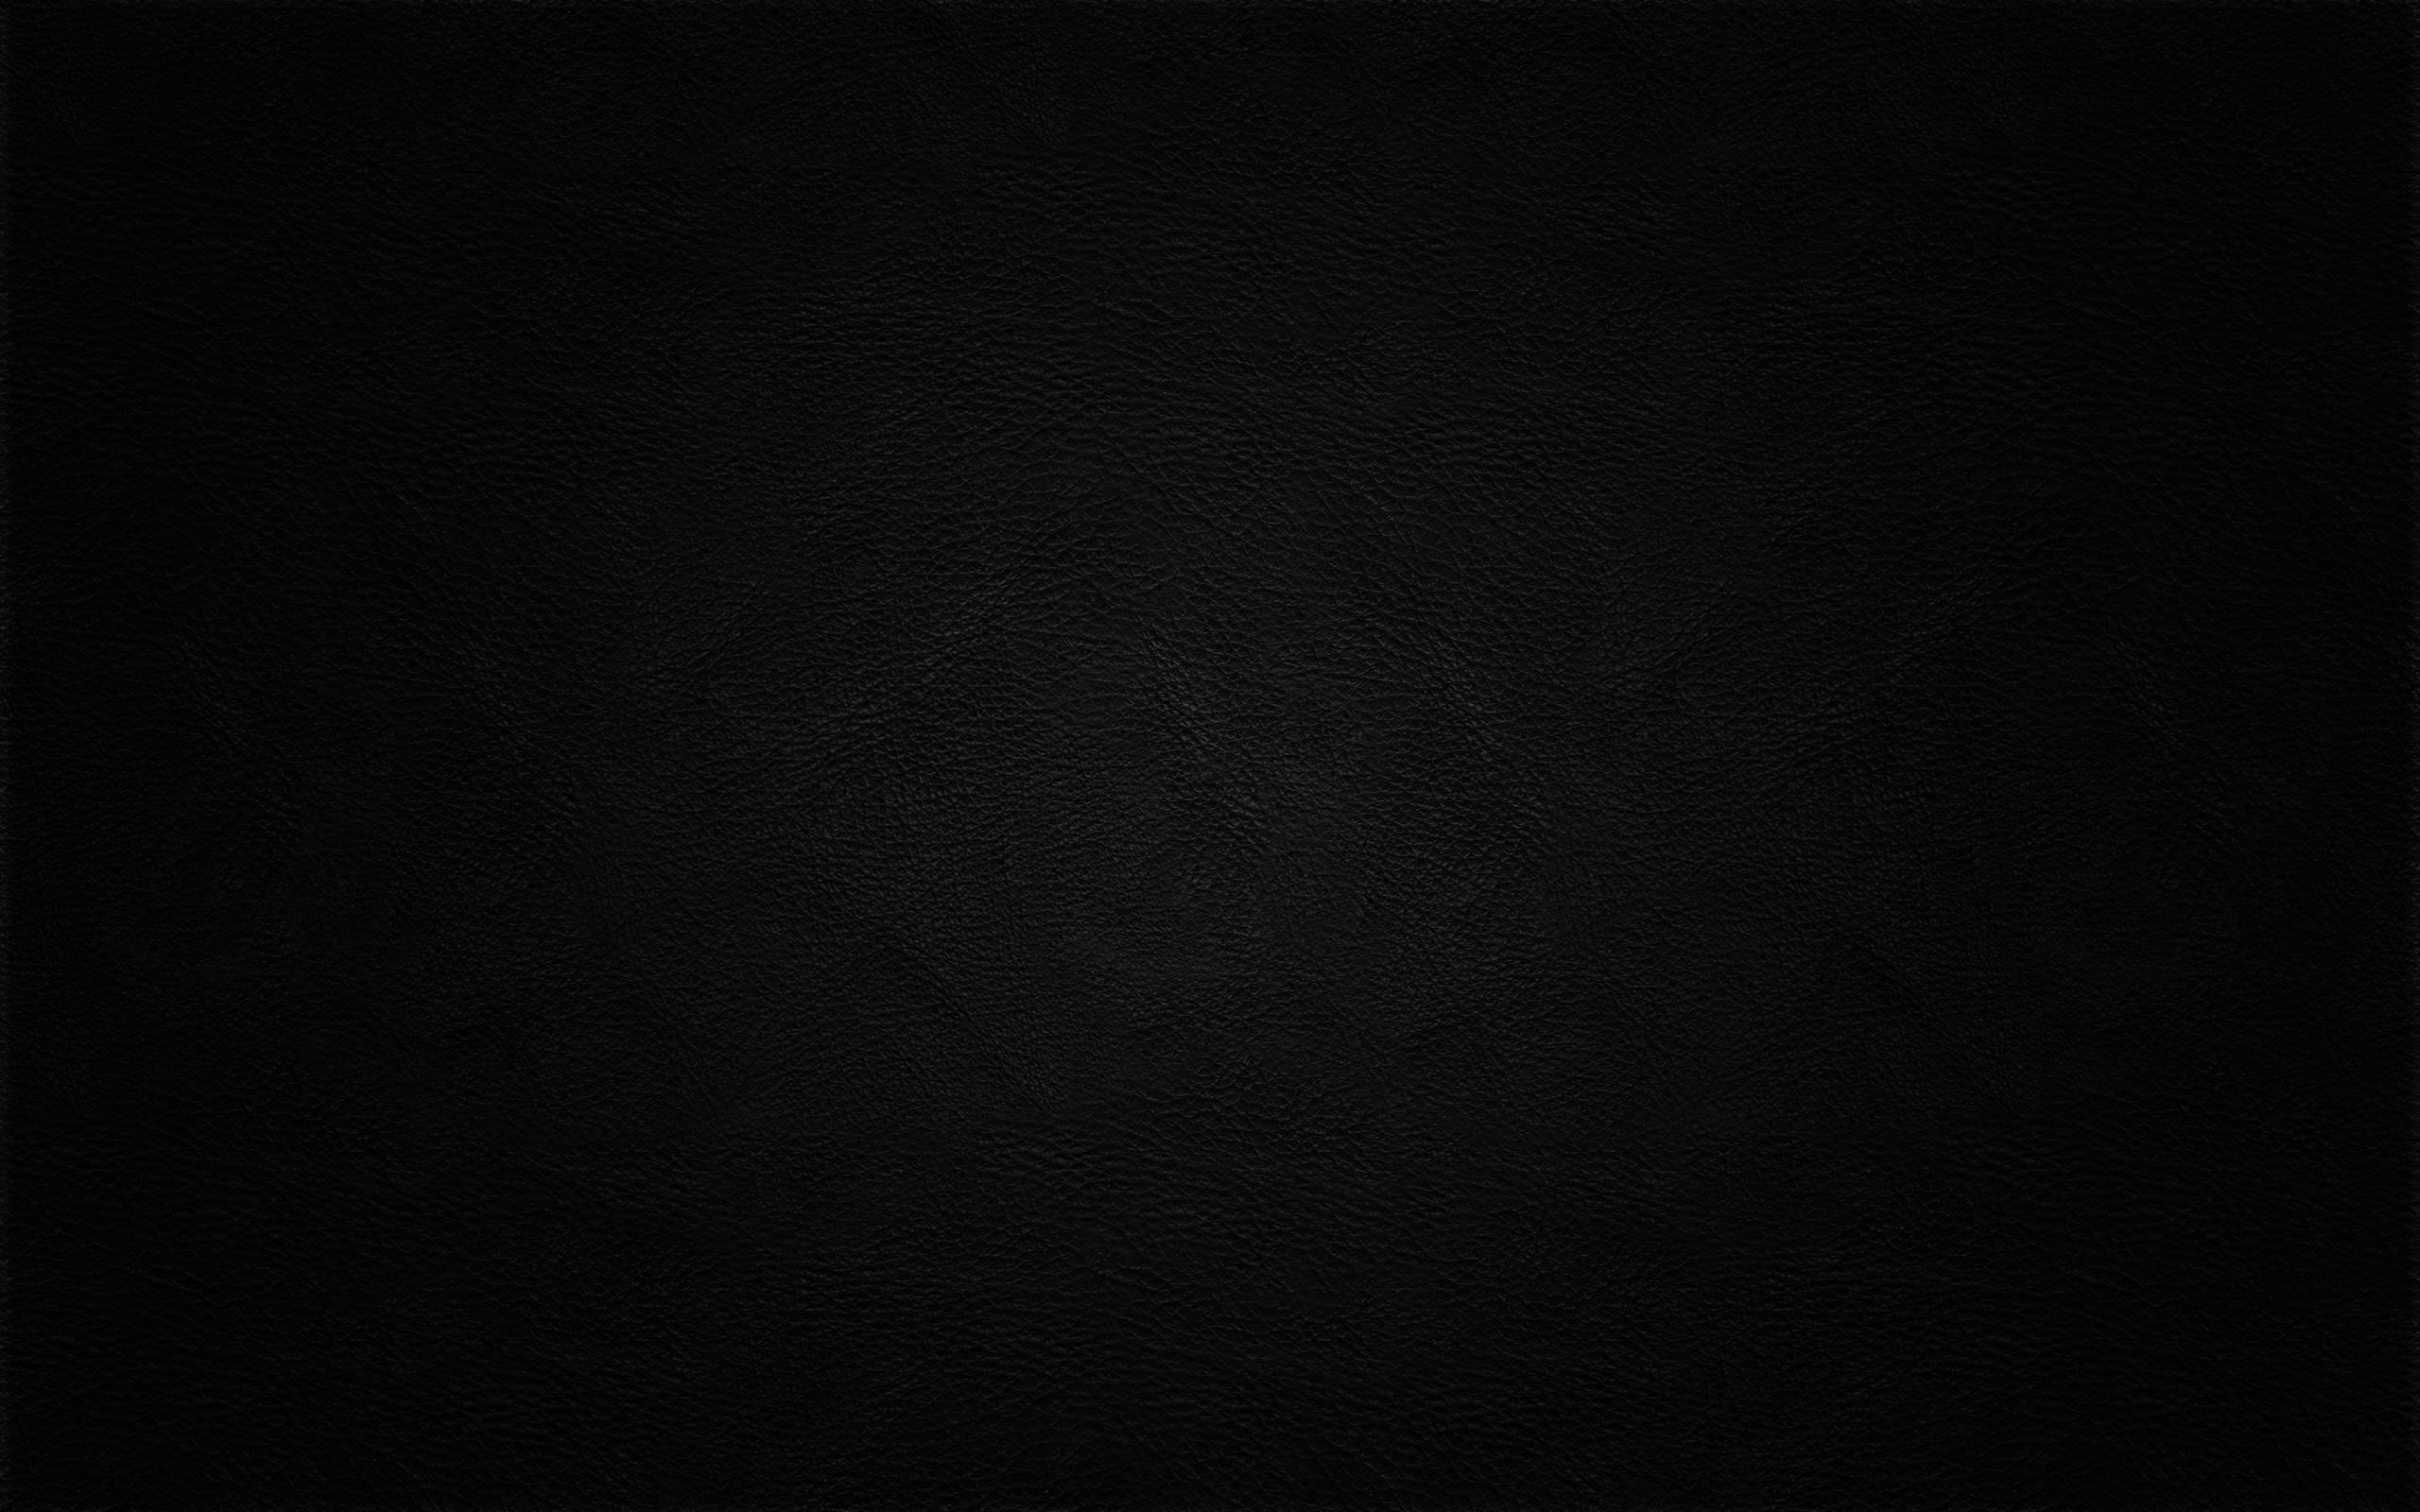 Trong bộ sưu tập này chúng tôi sẽ gửi đến bạn những hình nền trắng đen đẹp nhất, sắc nét nhất, nếu bạn yêu thích thì đừng bỏ qua nhé.